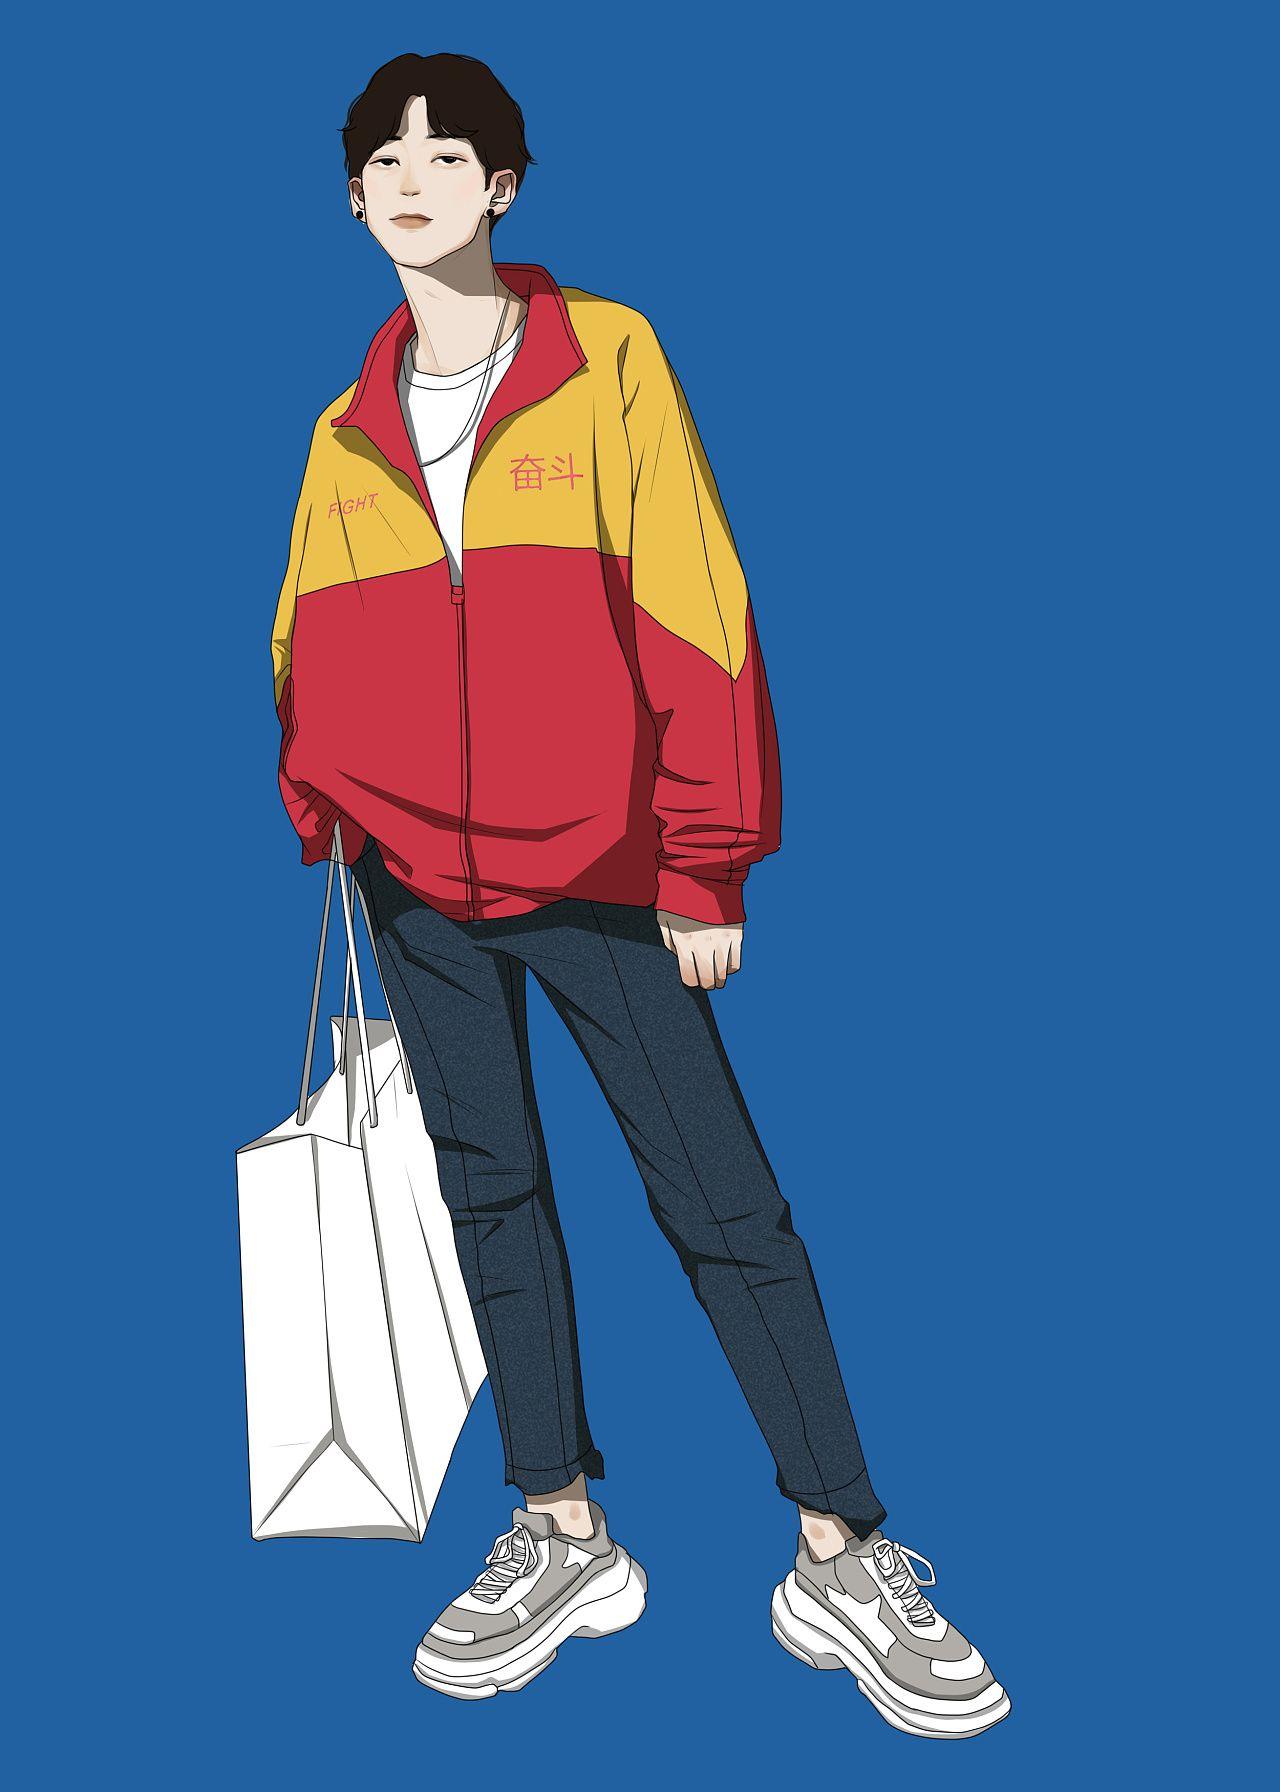 秋装 z石化 来咯 插画 其他插画 一针 原创作品 站酷 zcool character illustration character design character art